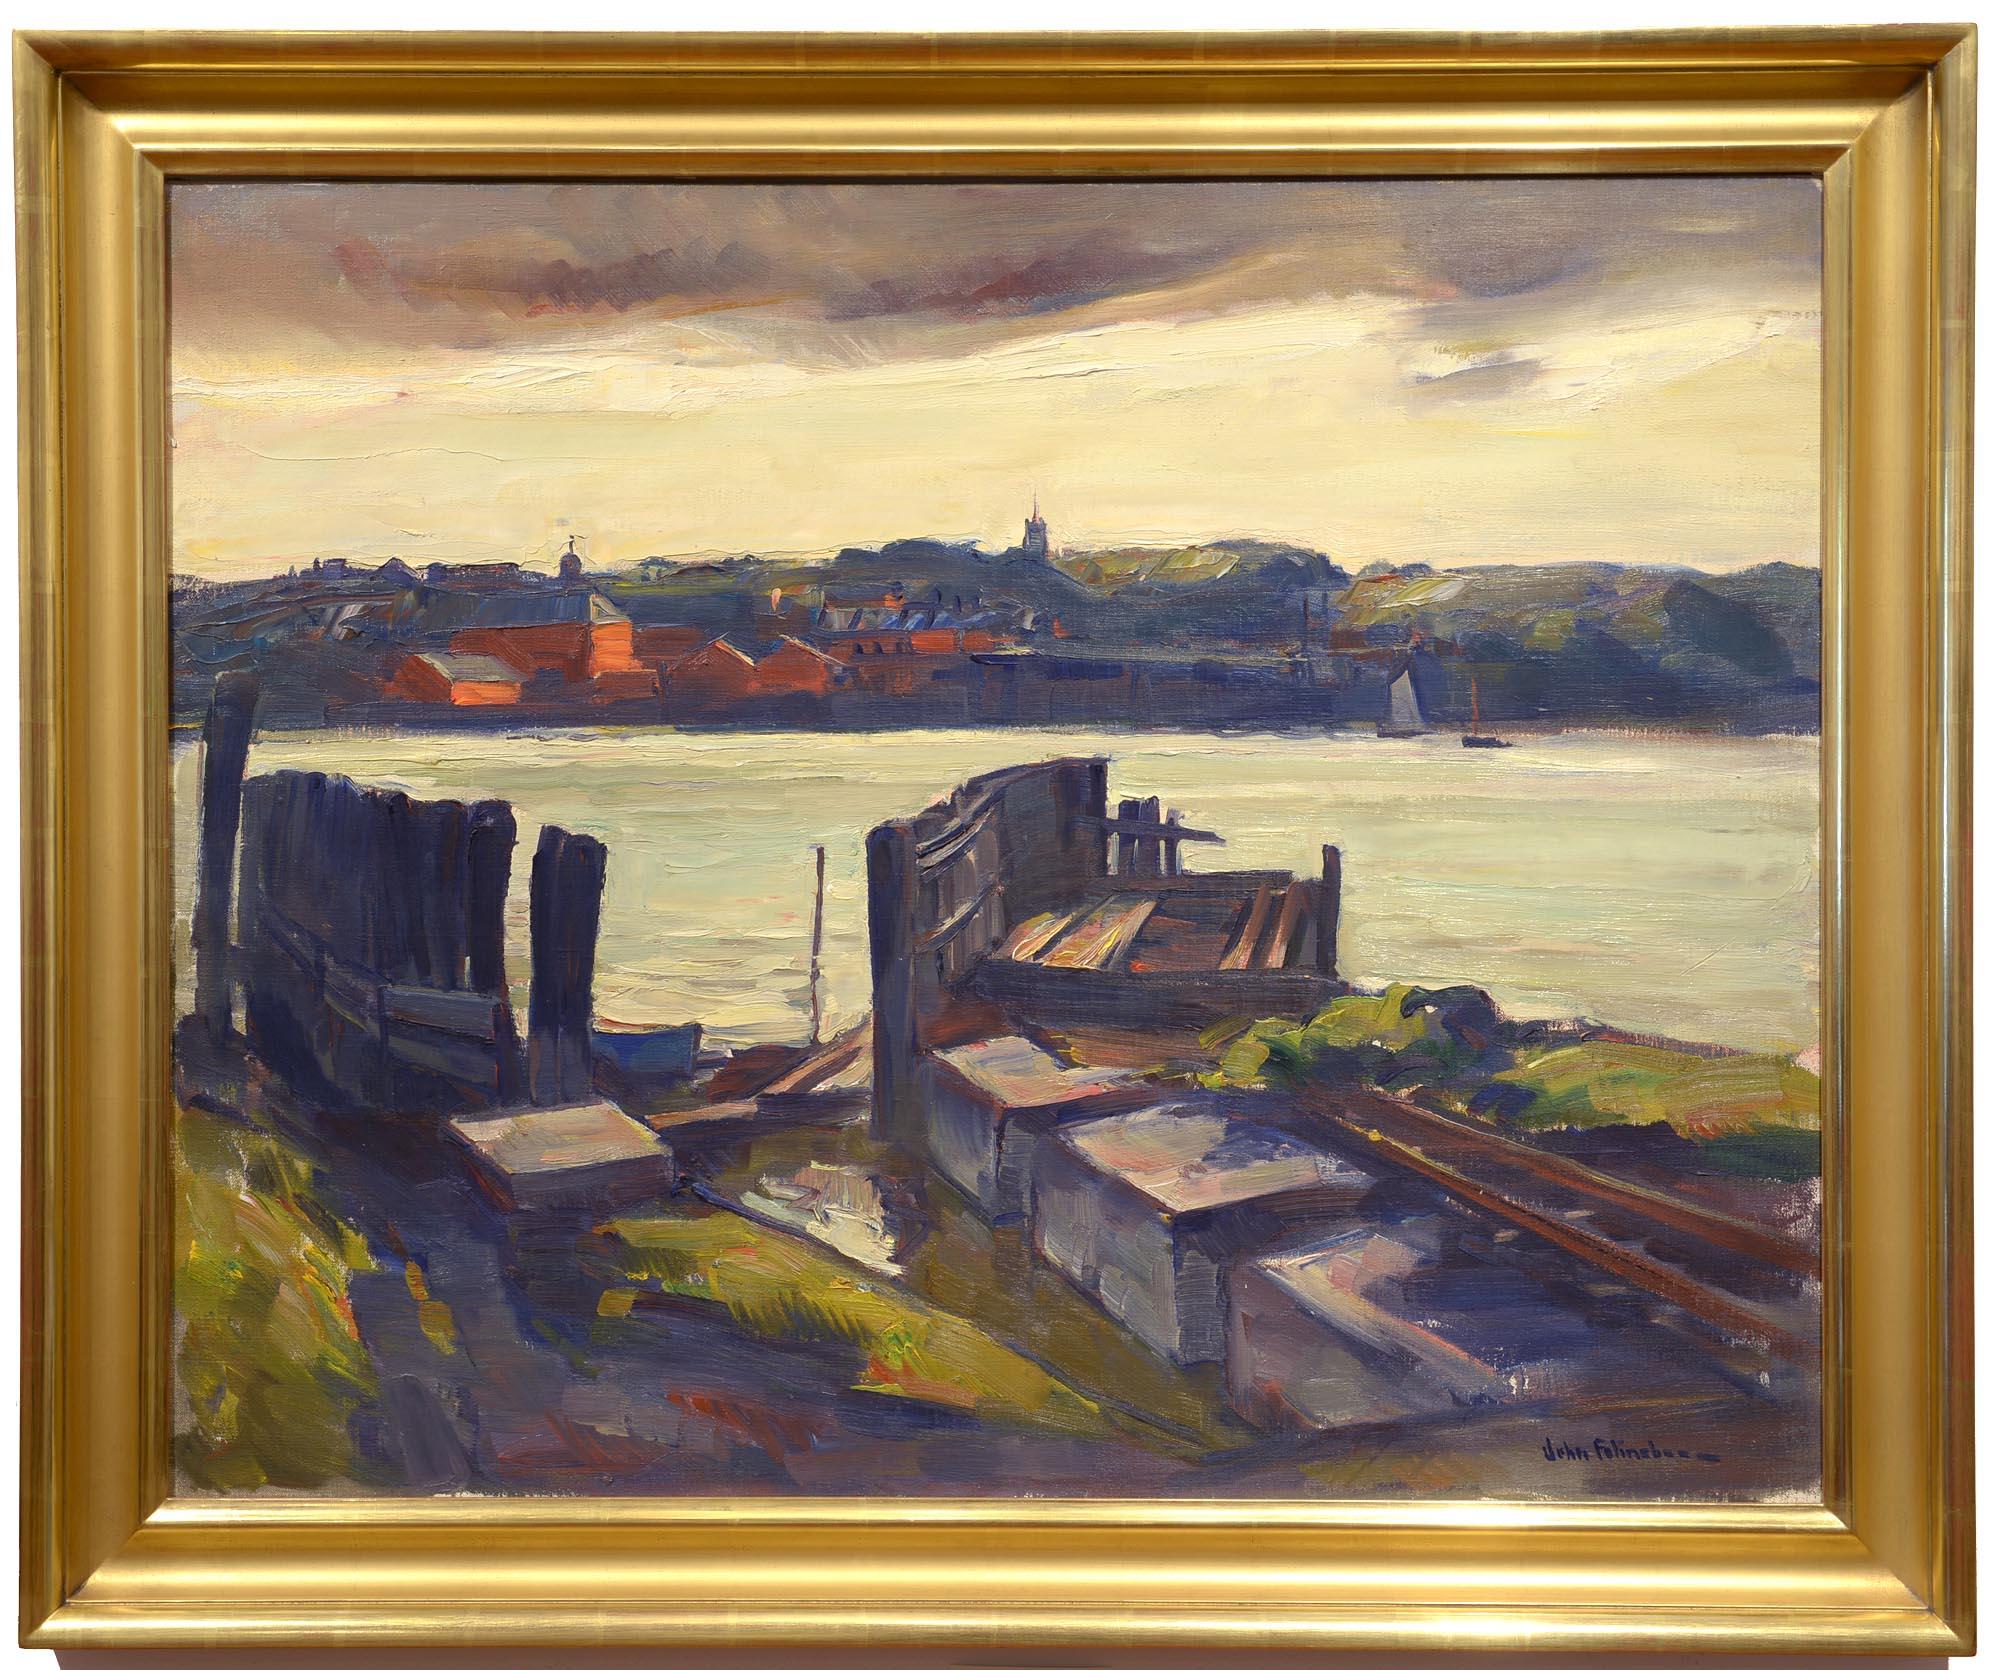 John Folinsbee Woolwich Ferry Slip framed